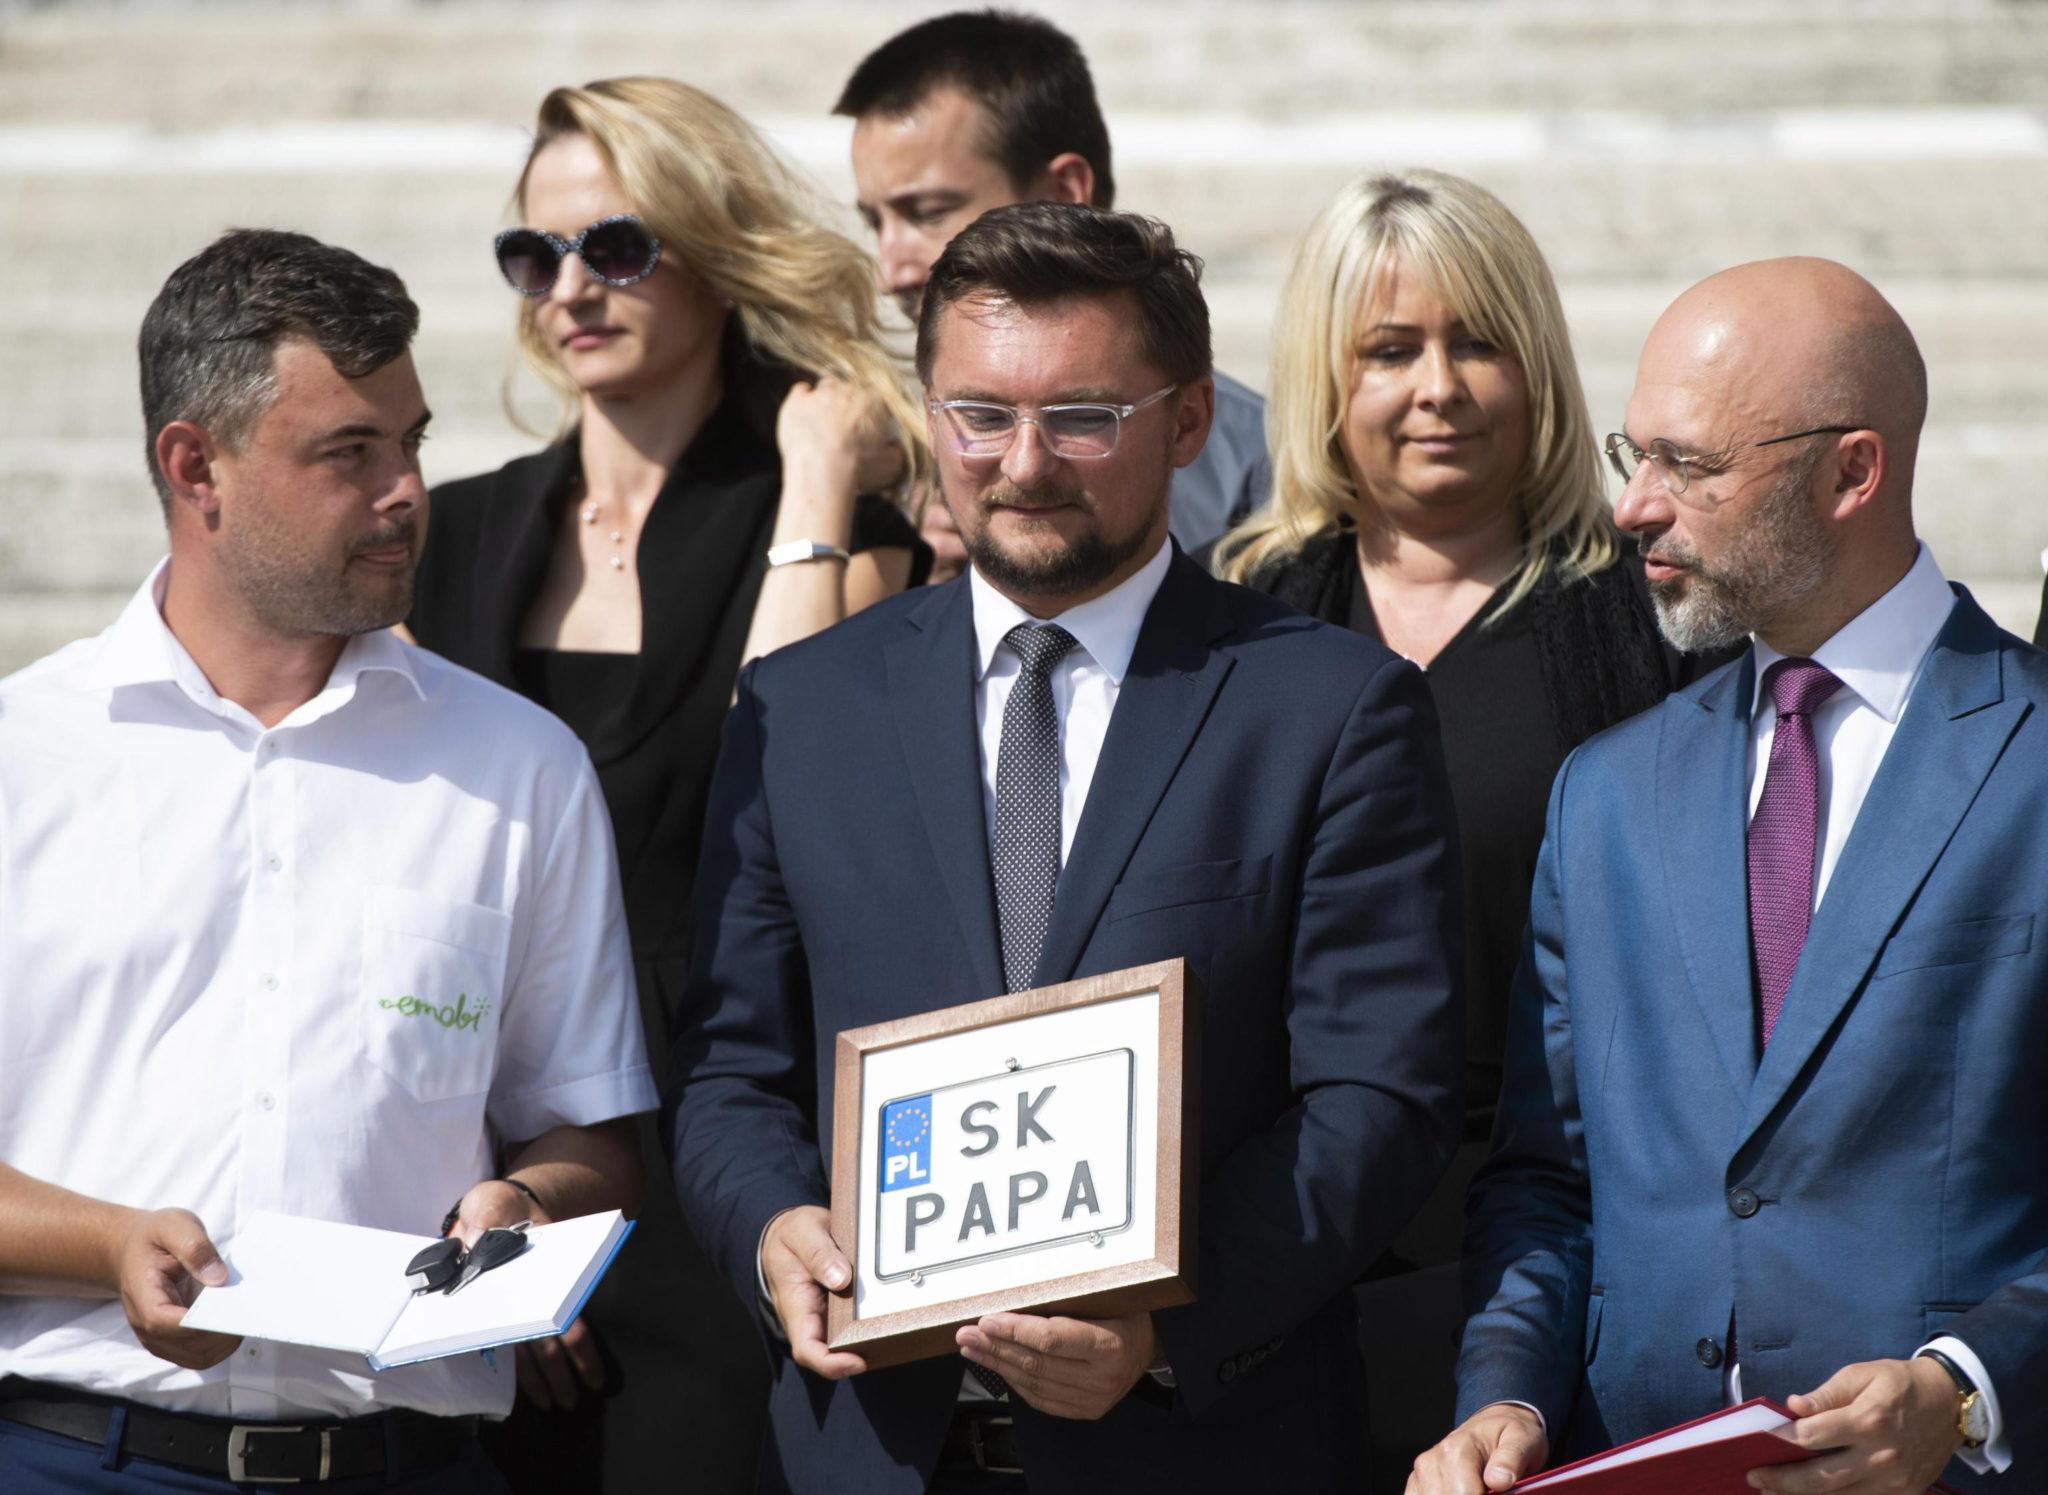 Włochy: do Rzymu dotarła eko-pielgrzymka z Katowic. fot. EPA/CLAUDIO PERI